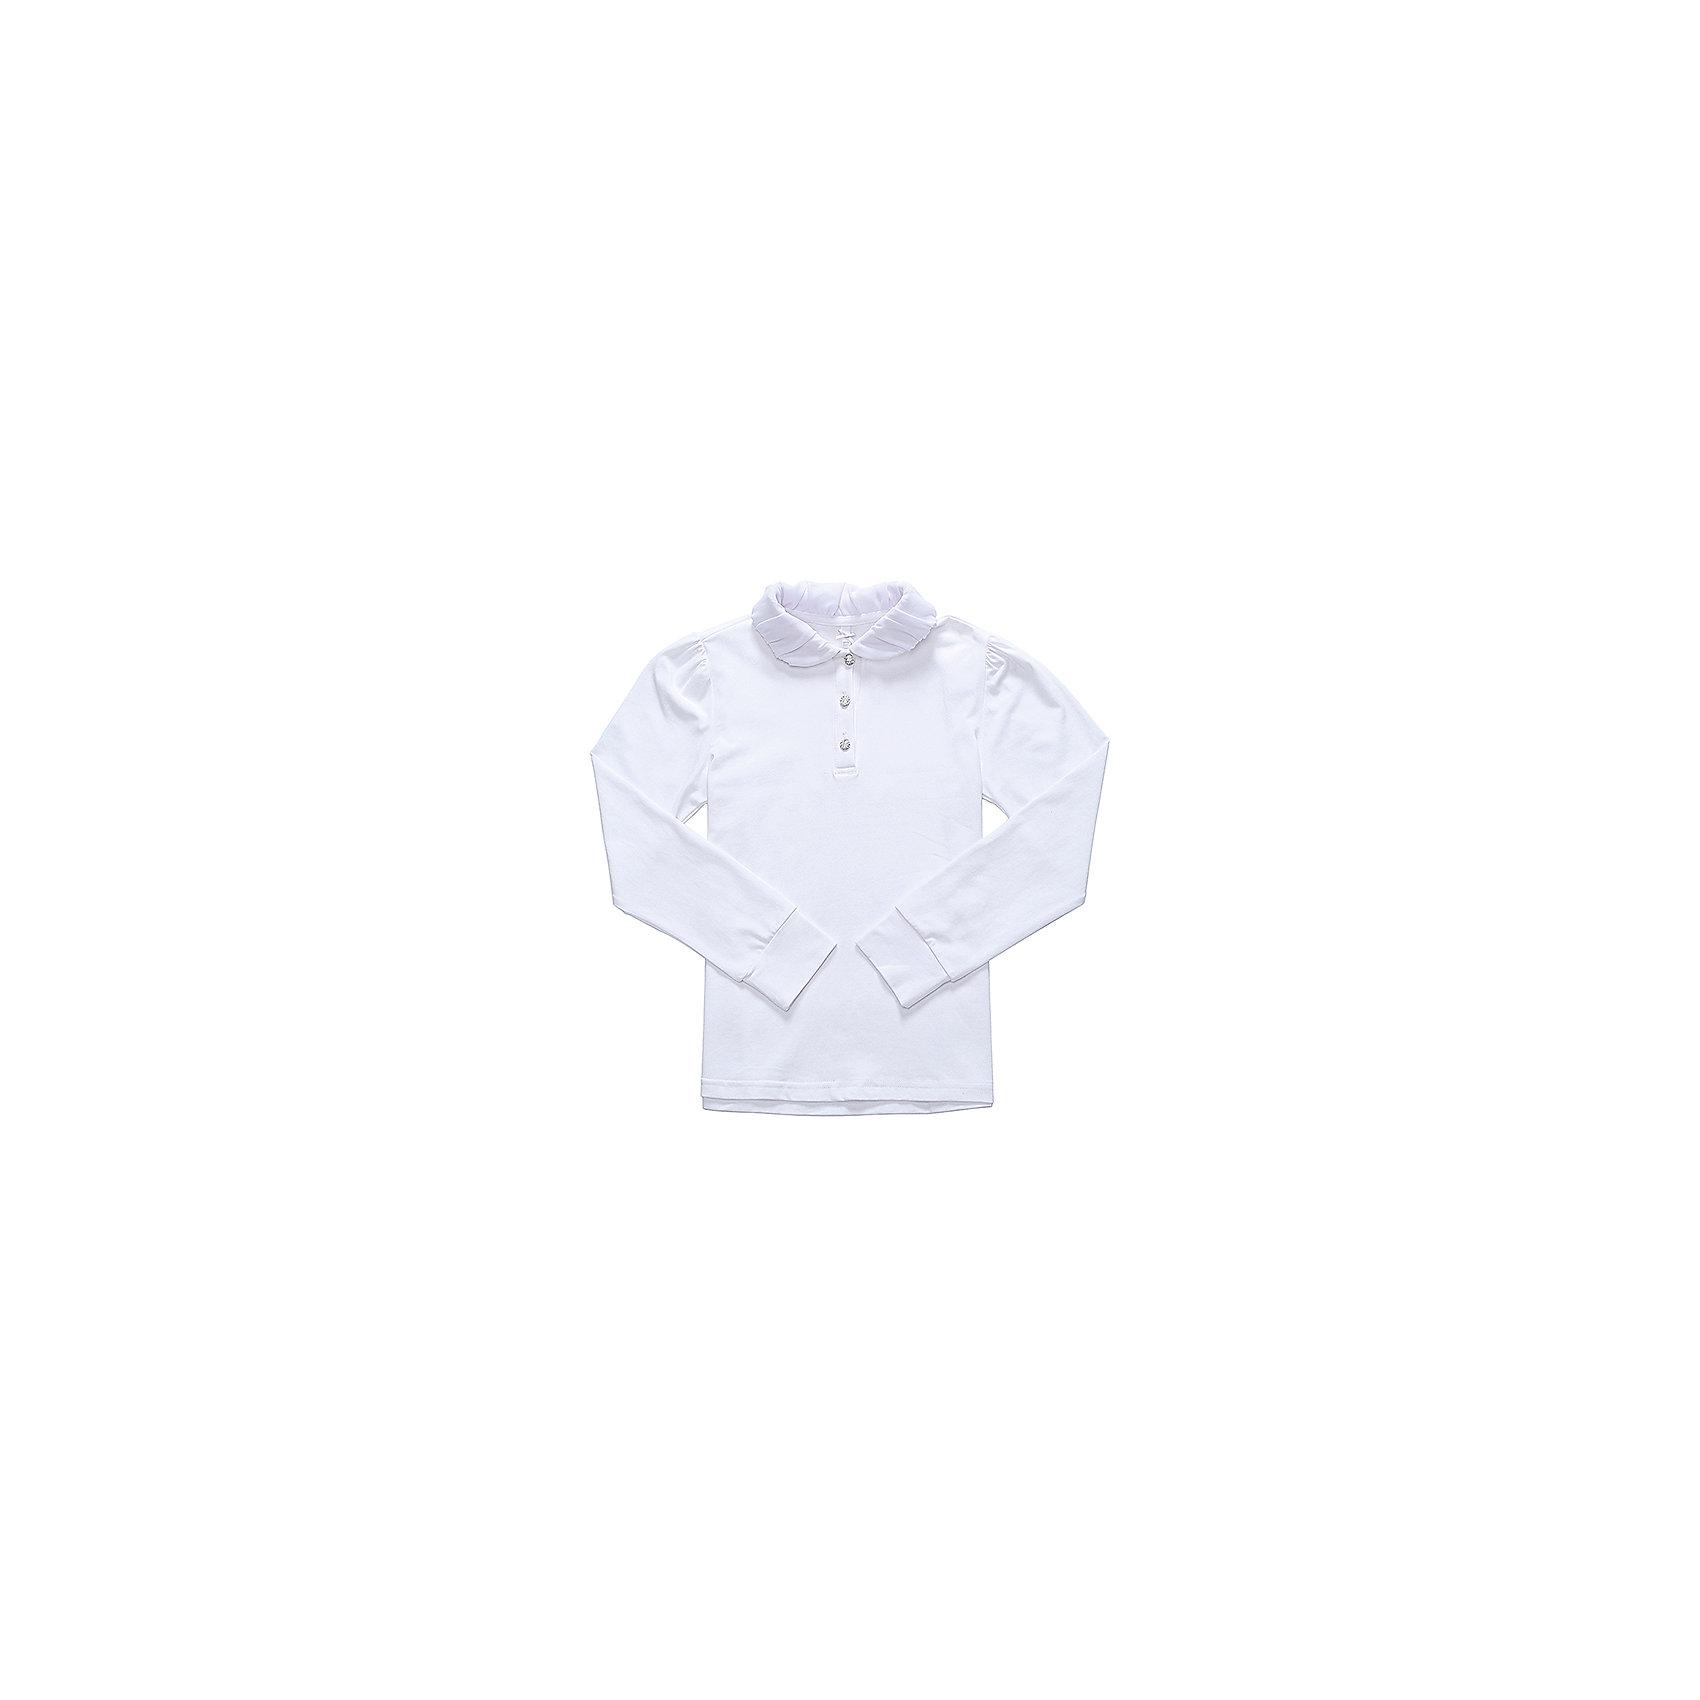 Блузка для девочки LuminosoБлузки и рубашки<br>Характеристики товара:<br><br>• цвет: белый;<br>• состав: 95% хлопок, 5% эластан;<br>• сезон: демисезон;<br>• особенности: школьная, с плиссировкой;<br>• застежка: пуговицы;<br>• с длинным рукавом;<br>• воротник с шифоновой плиссировкой;<br>• страна бренда: Россия;<br>• страна производства: Китай.<br><br>Школьная блузка с длинным рукавом для девочки. Белая блузка застегивается пуговицы. Трикотажная блузка декорирована шифоновой плиссировкой на воротнике. Длинный рукав с мягким манжетом.<br><br>Блузка для девочки Luminoso (Люминосо) можно купить в нашем интернет-магазине.<br><br>Ширина мм: 186<br>Глубина мм: 87<br>Высота мм: 198<br>Вес г: 197<br>Цвет: белый<br>Возраст от месяцев: 72<br>Возраст до месяцев: 84<br>Пол: Женский<br>Возраст: Детский<br>Размер: 146,152,158,122,164,128,134,140<br>SKU: 6673103